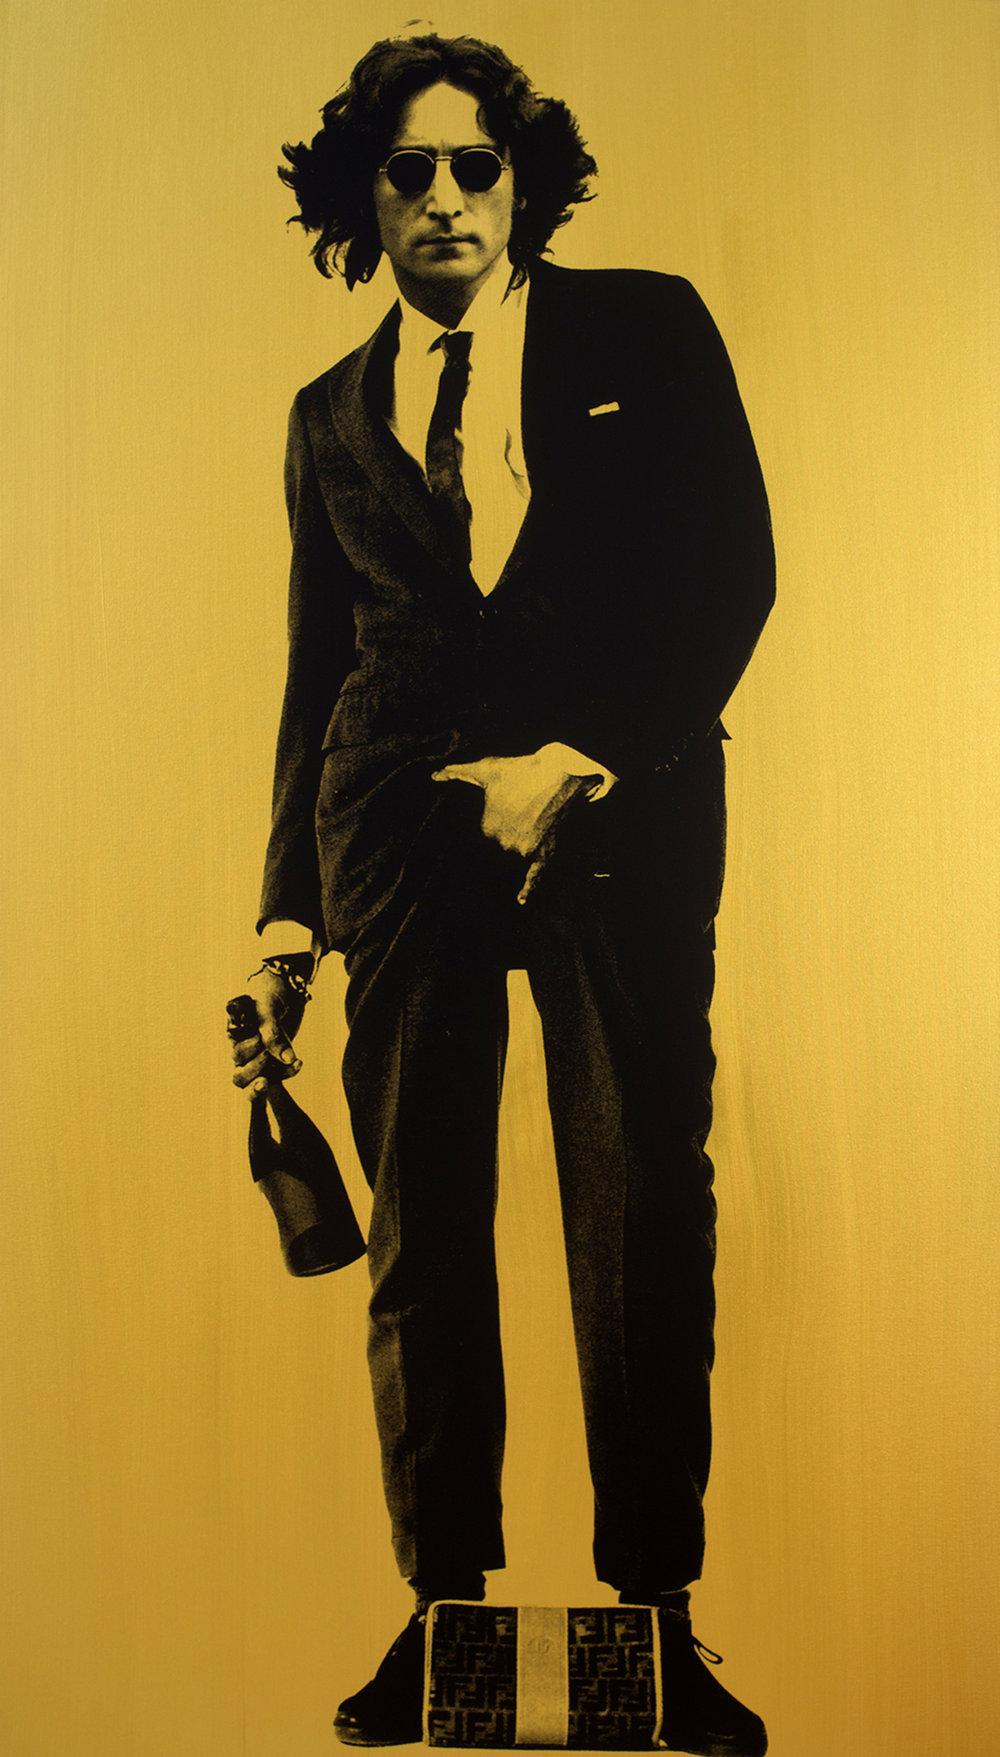 JOHN LENNON COJONES GOLD 84x48%22.jpg